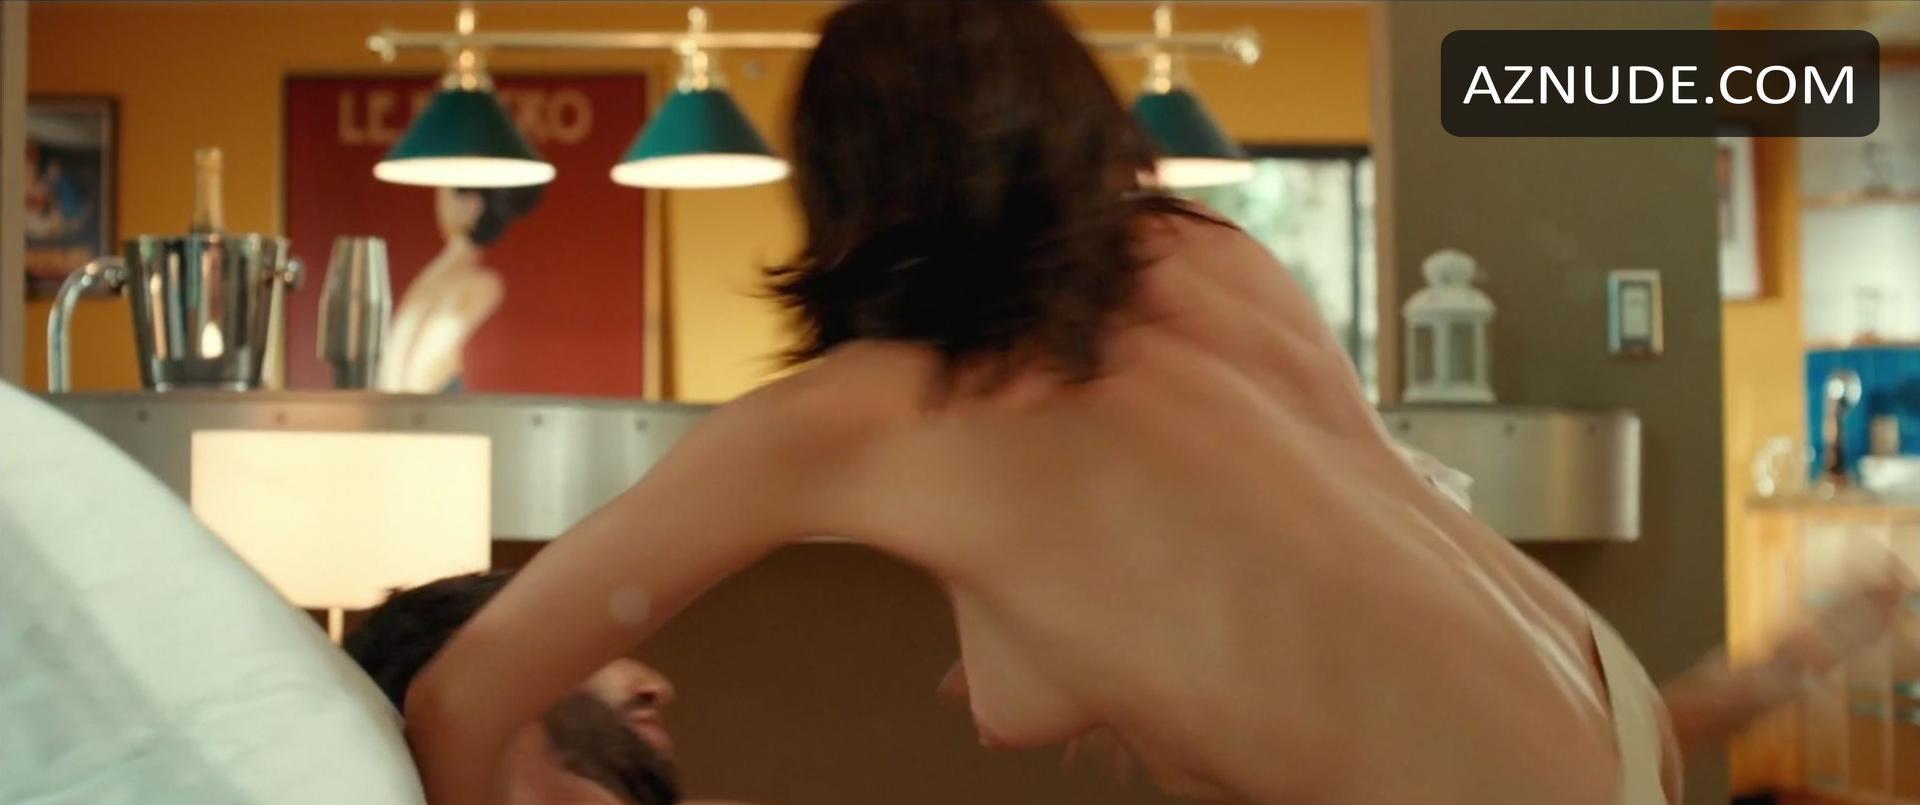 Natalya Nude Complete natalya zemtsova nude - aznude